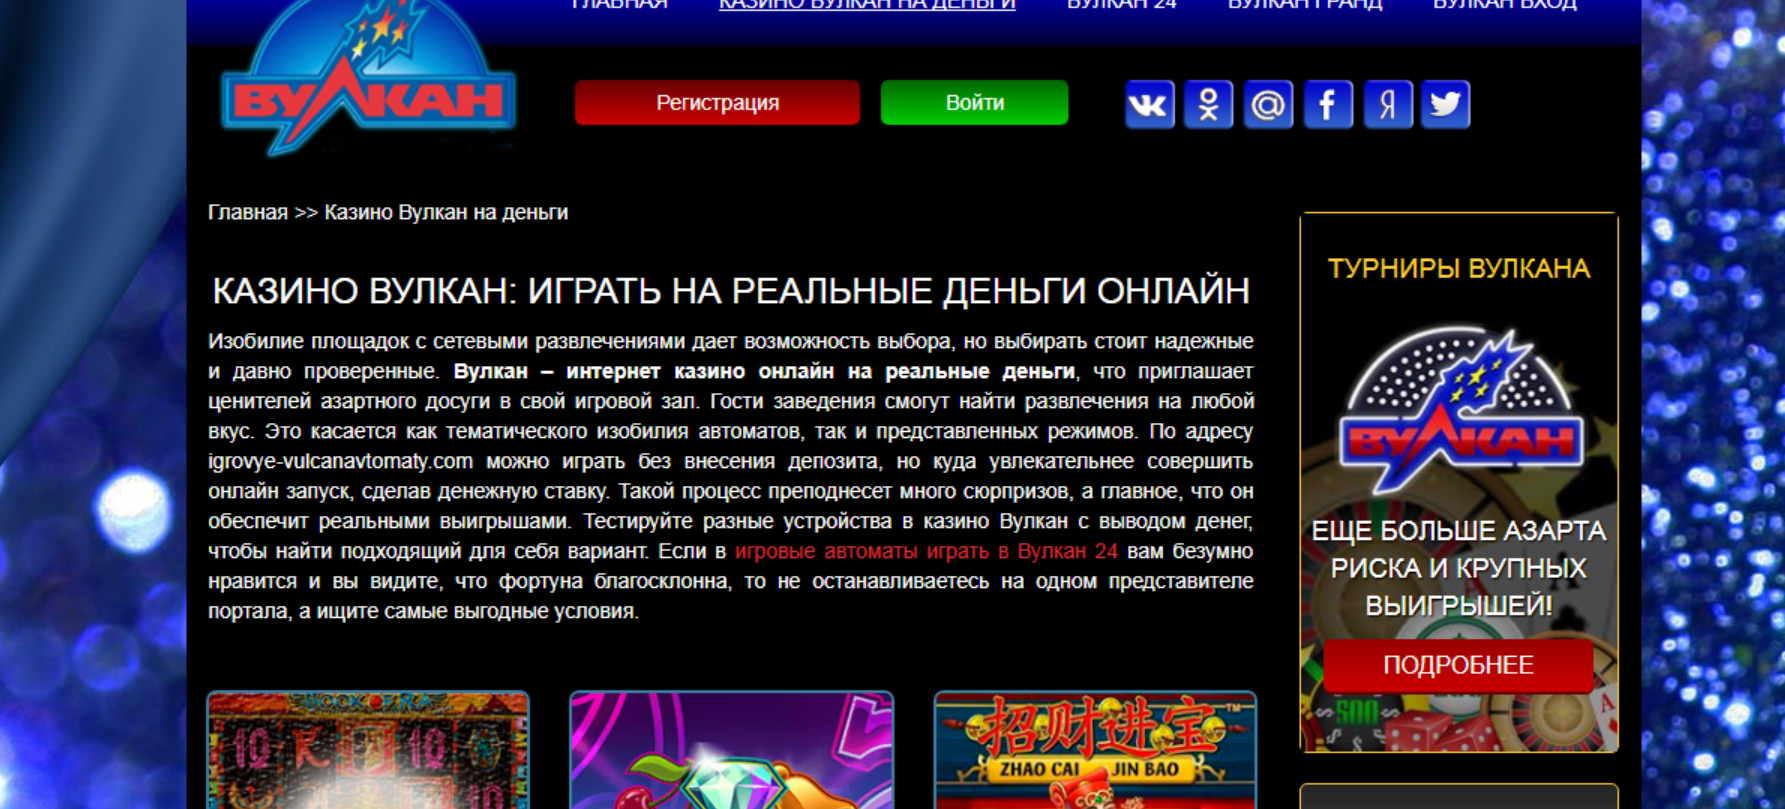 Вулкан игровые автоматы играть бесплатно без регистрации династия минг